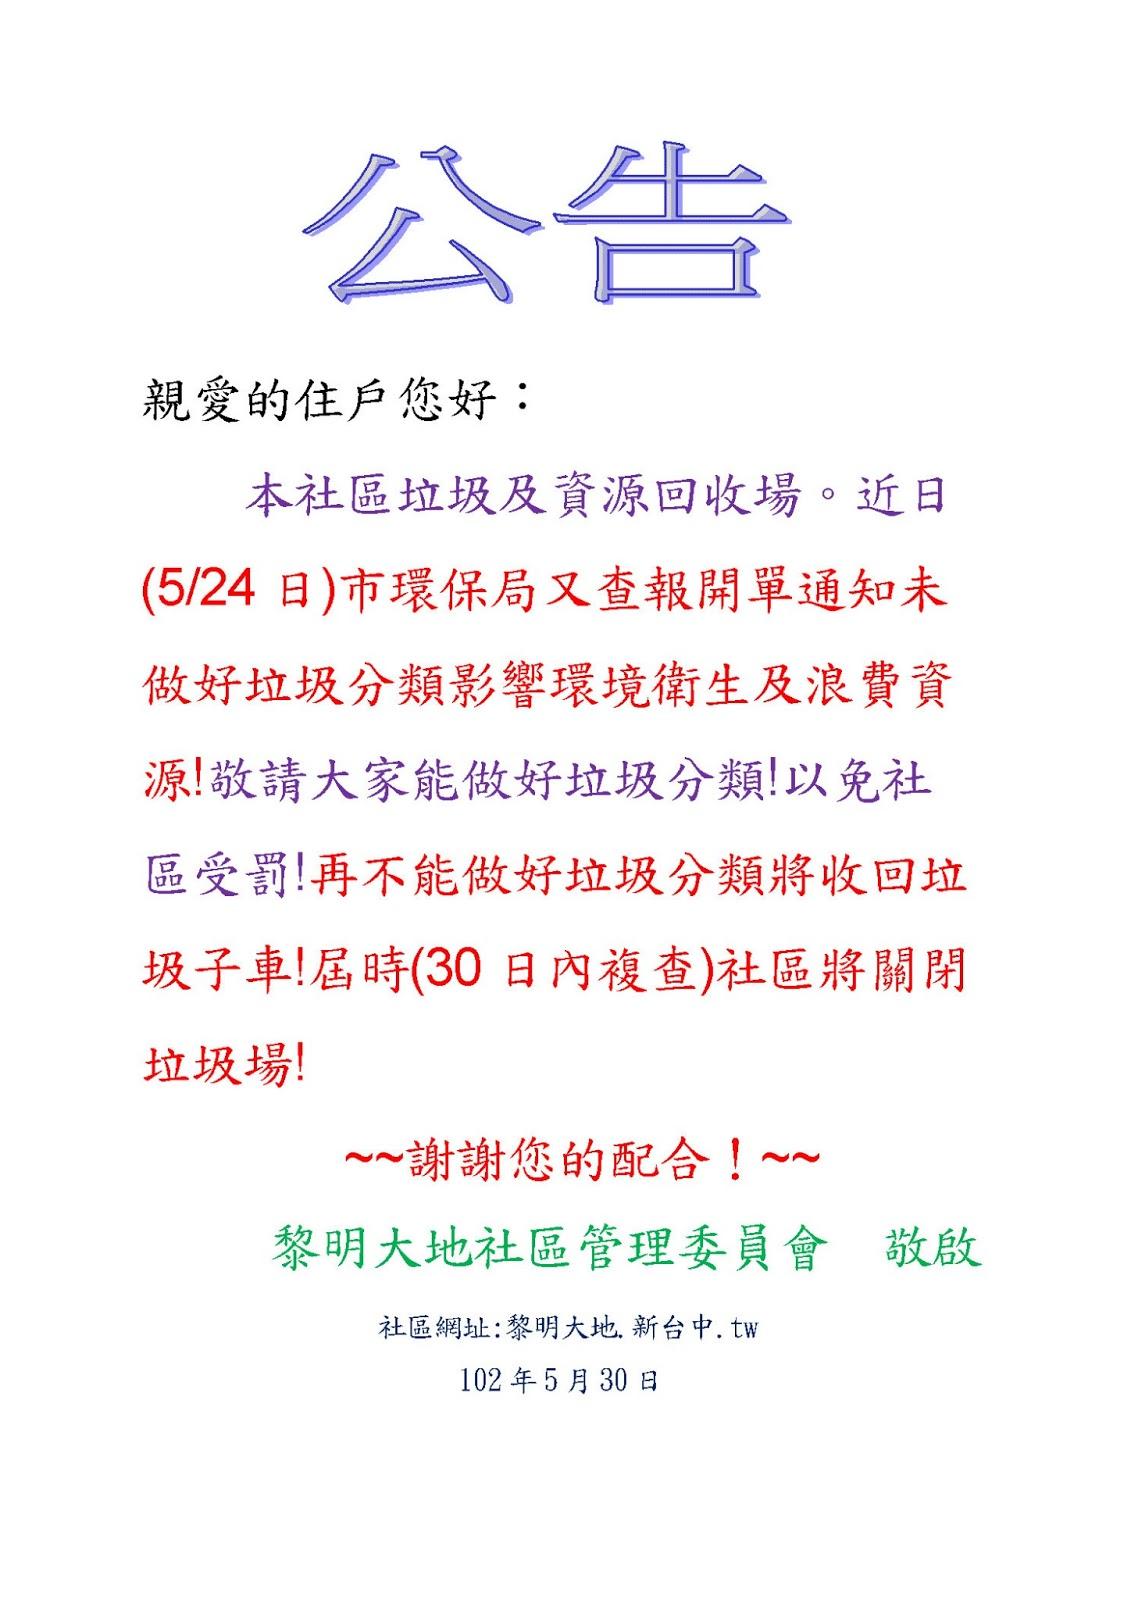 『黎明大地 社區管理委員會』/ Community Comittee: 五月 2013